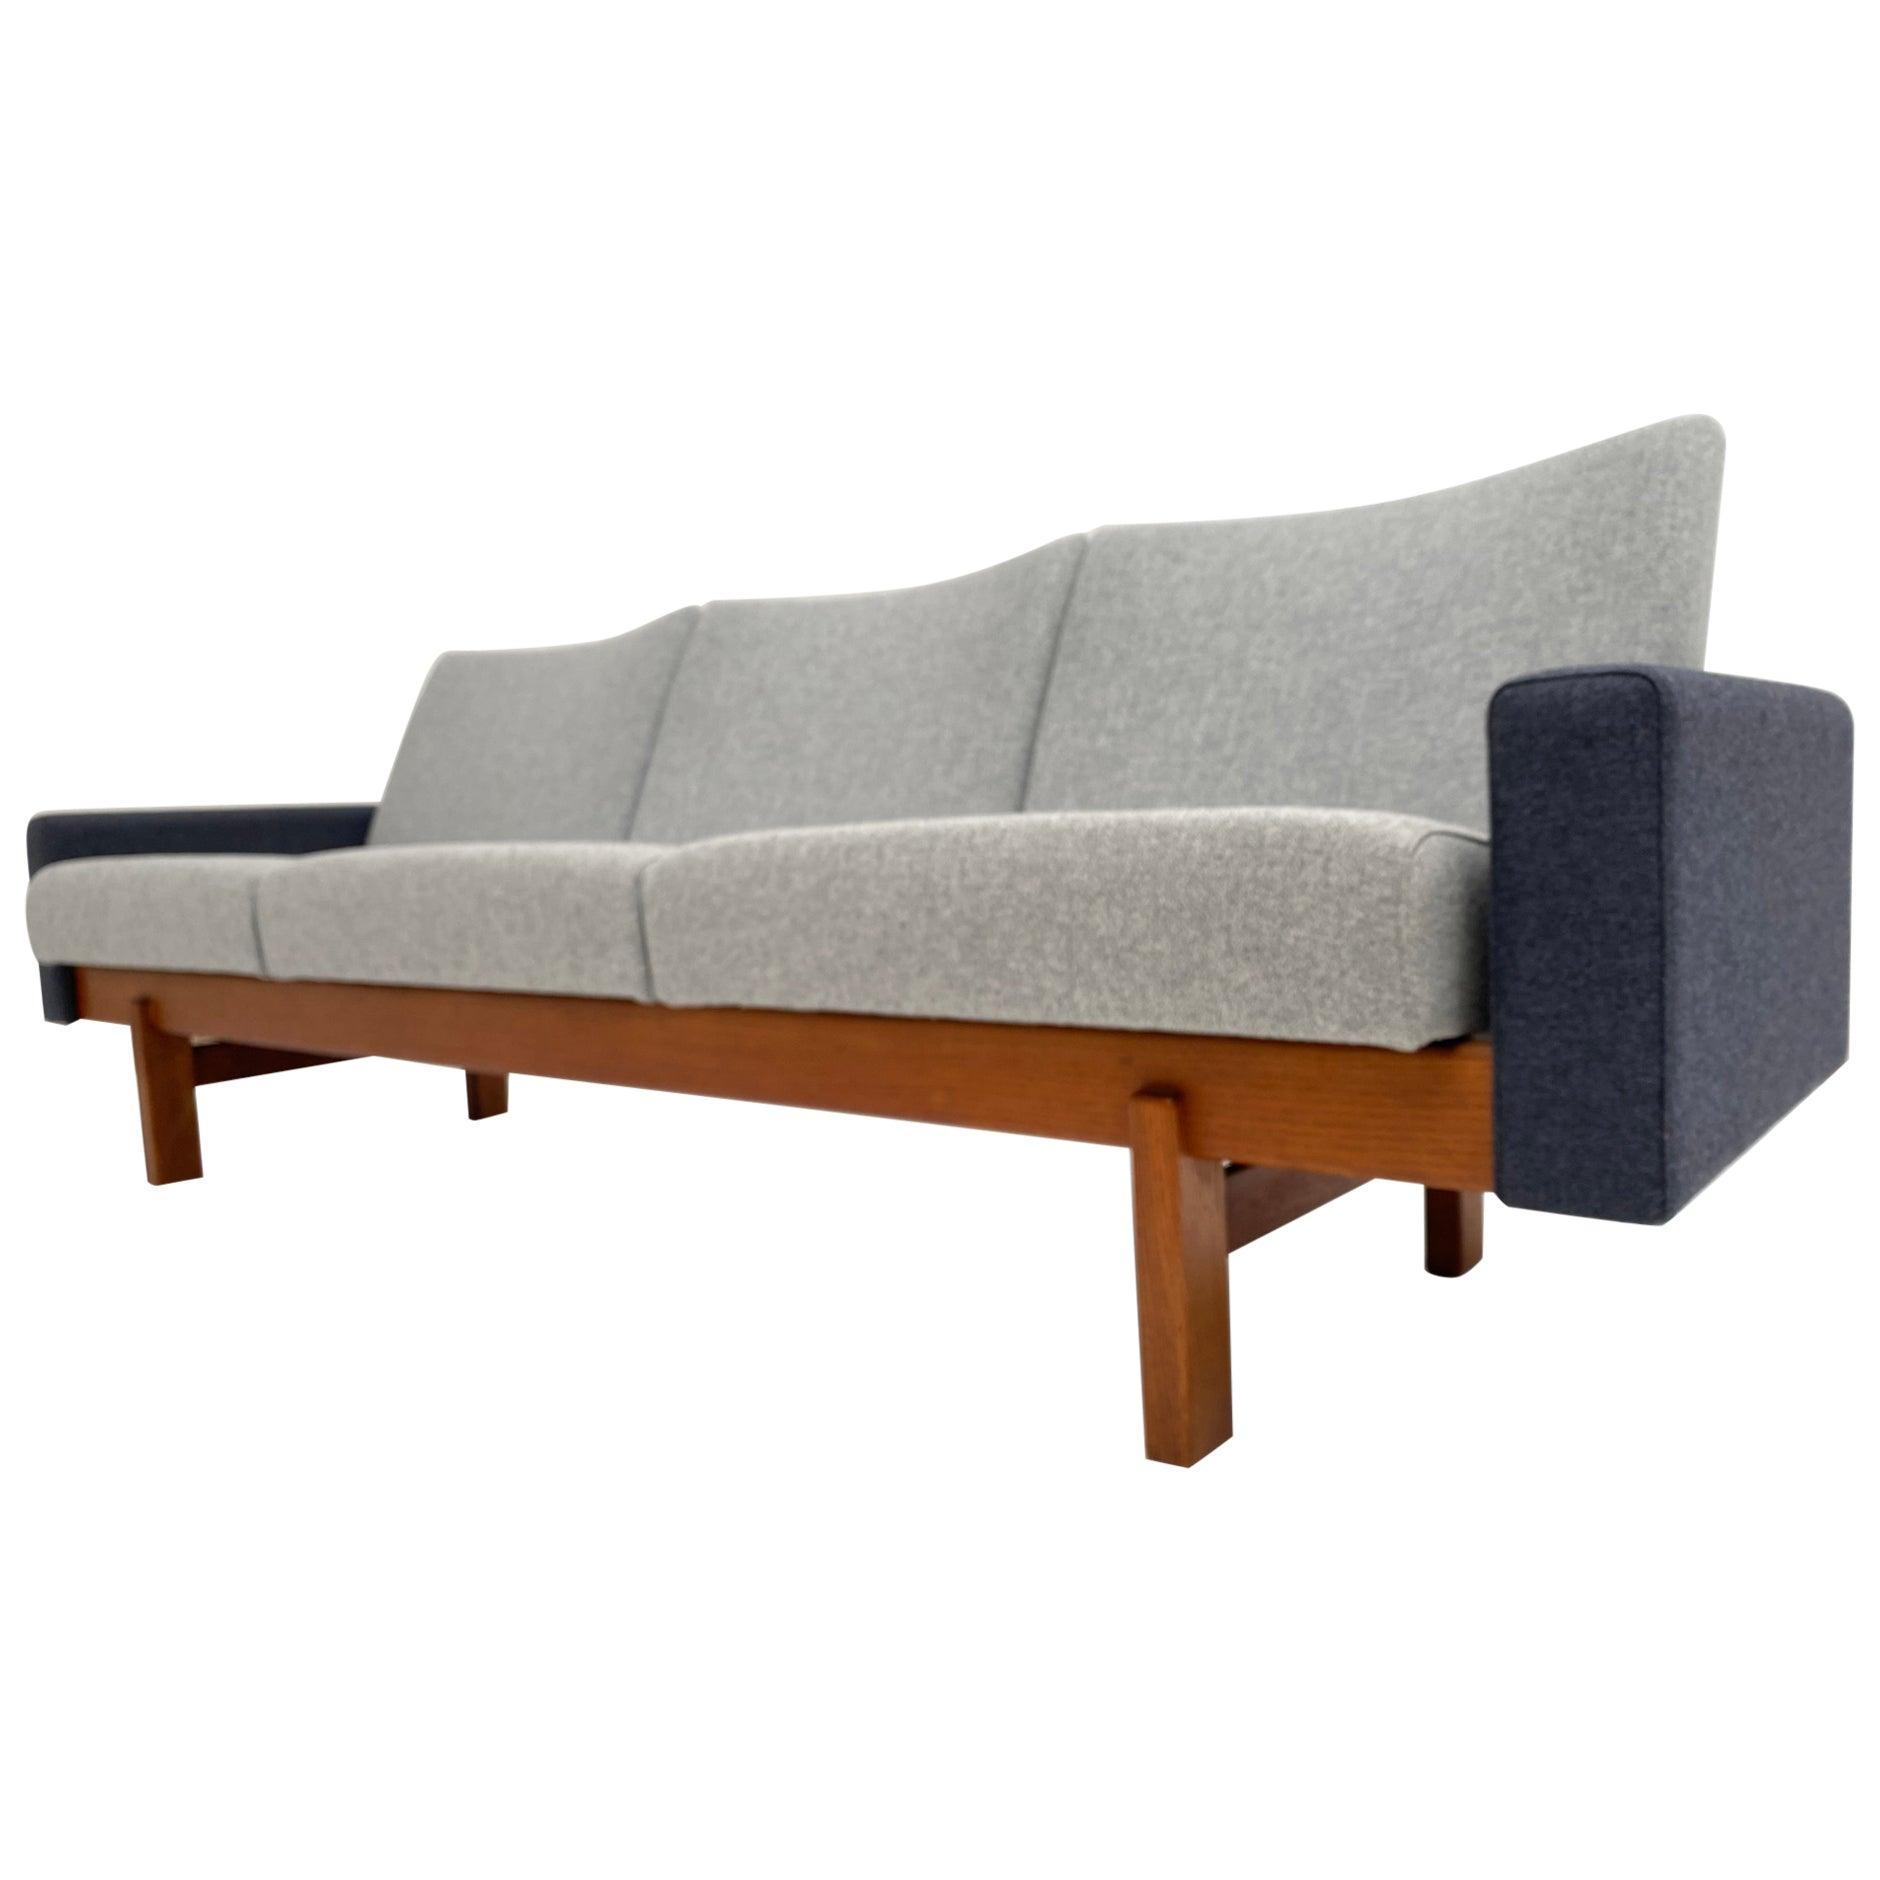 New Upholstered Yngve Ekstrom 'Accent' Sofa for Swedese, 1959